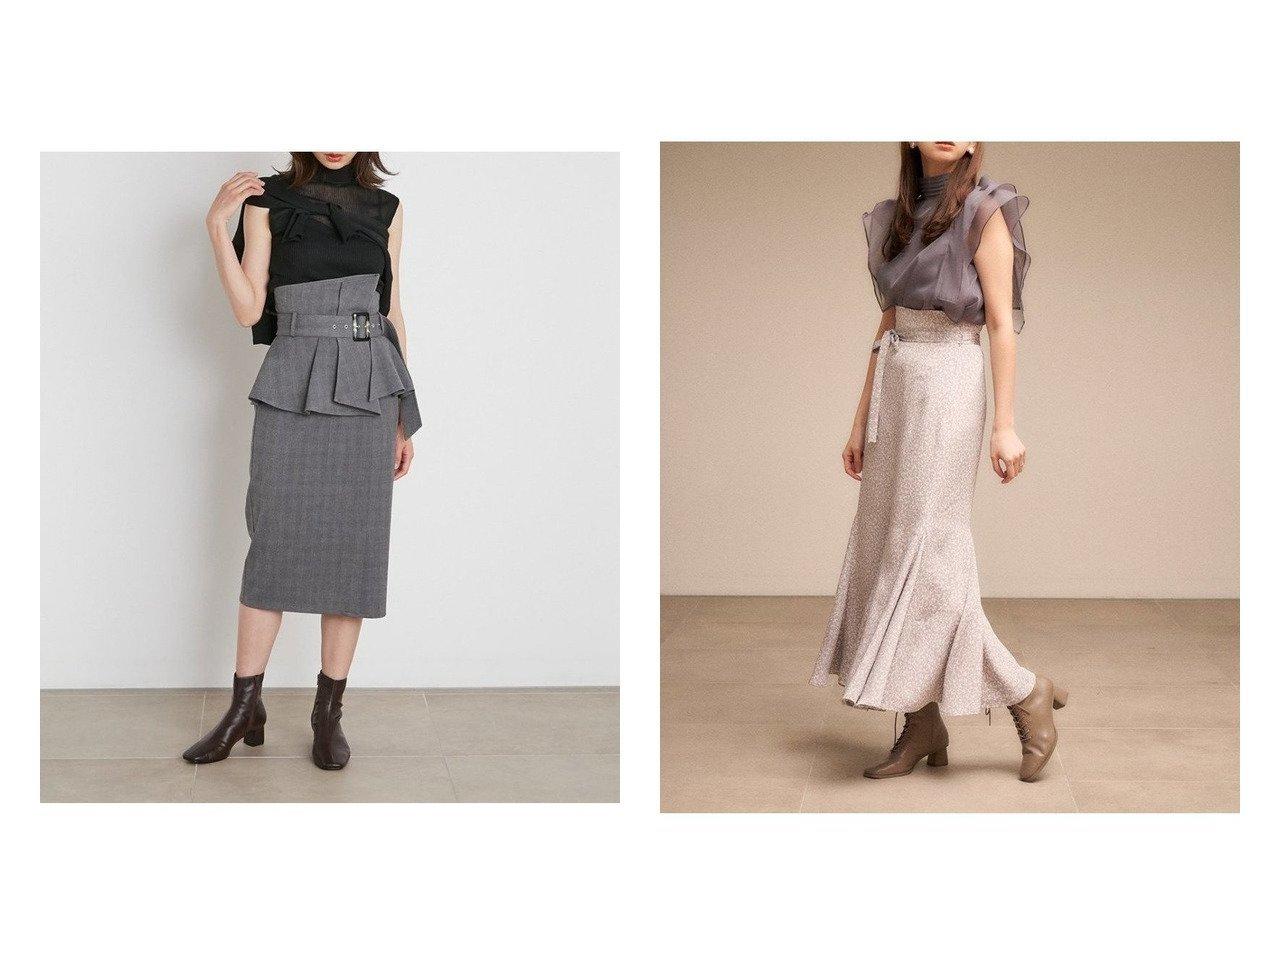 【SNIDEL/スナイデル】のハイウエストマーメイドプリントスカート&コルセットベルトタイトスカート 【スカート】おすすめ!人気、トレンド・レディースファッションの通販 おすすめで人気の流行・トレンド、ファッションの通販商品 インテリア・家具・メンズファッション・キッズファッション・レディースファッション・服の通販 founy(ファニー) https://founy.com/ ファッション Fashion レディースファッション WOMEN スカート Skirt ロングスカート Long Skirt ベルト Belts プリント マーメイド ロング 人気 定番 Standard NEW・新作・新着・新入荷 New Arrivals エレガント タイトスカート チェック トレンド パターン ベーシック 今季 |ID:crp329100000065648